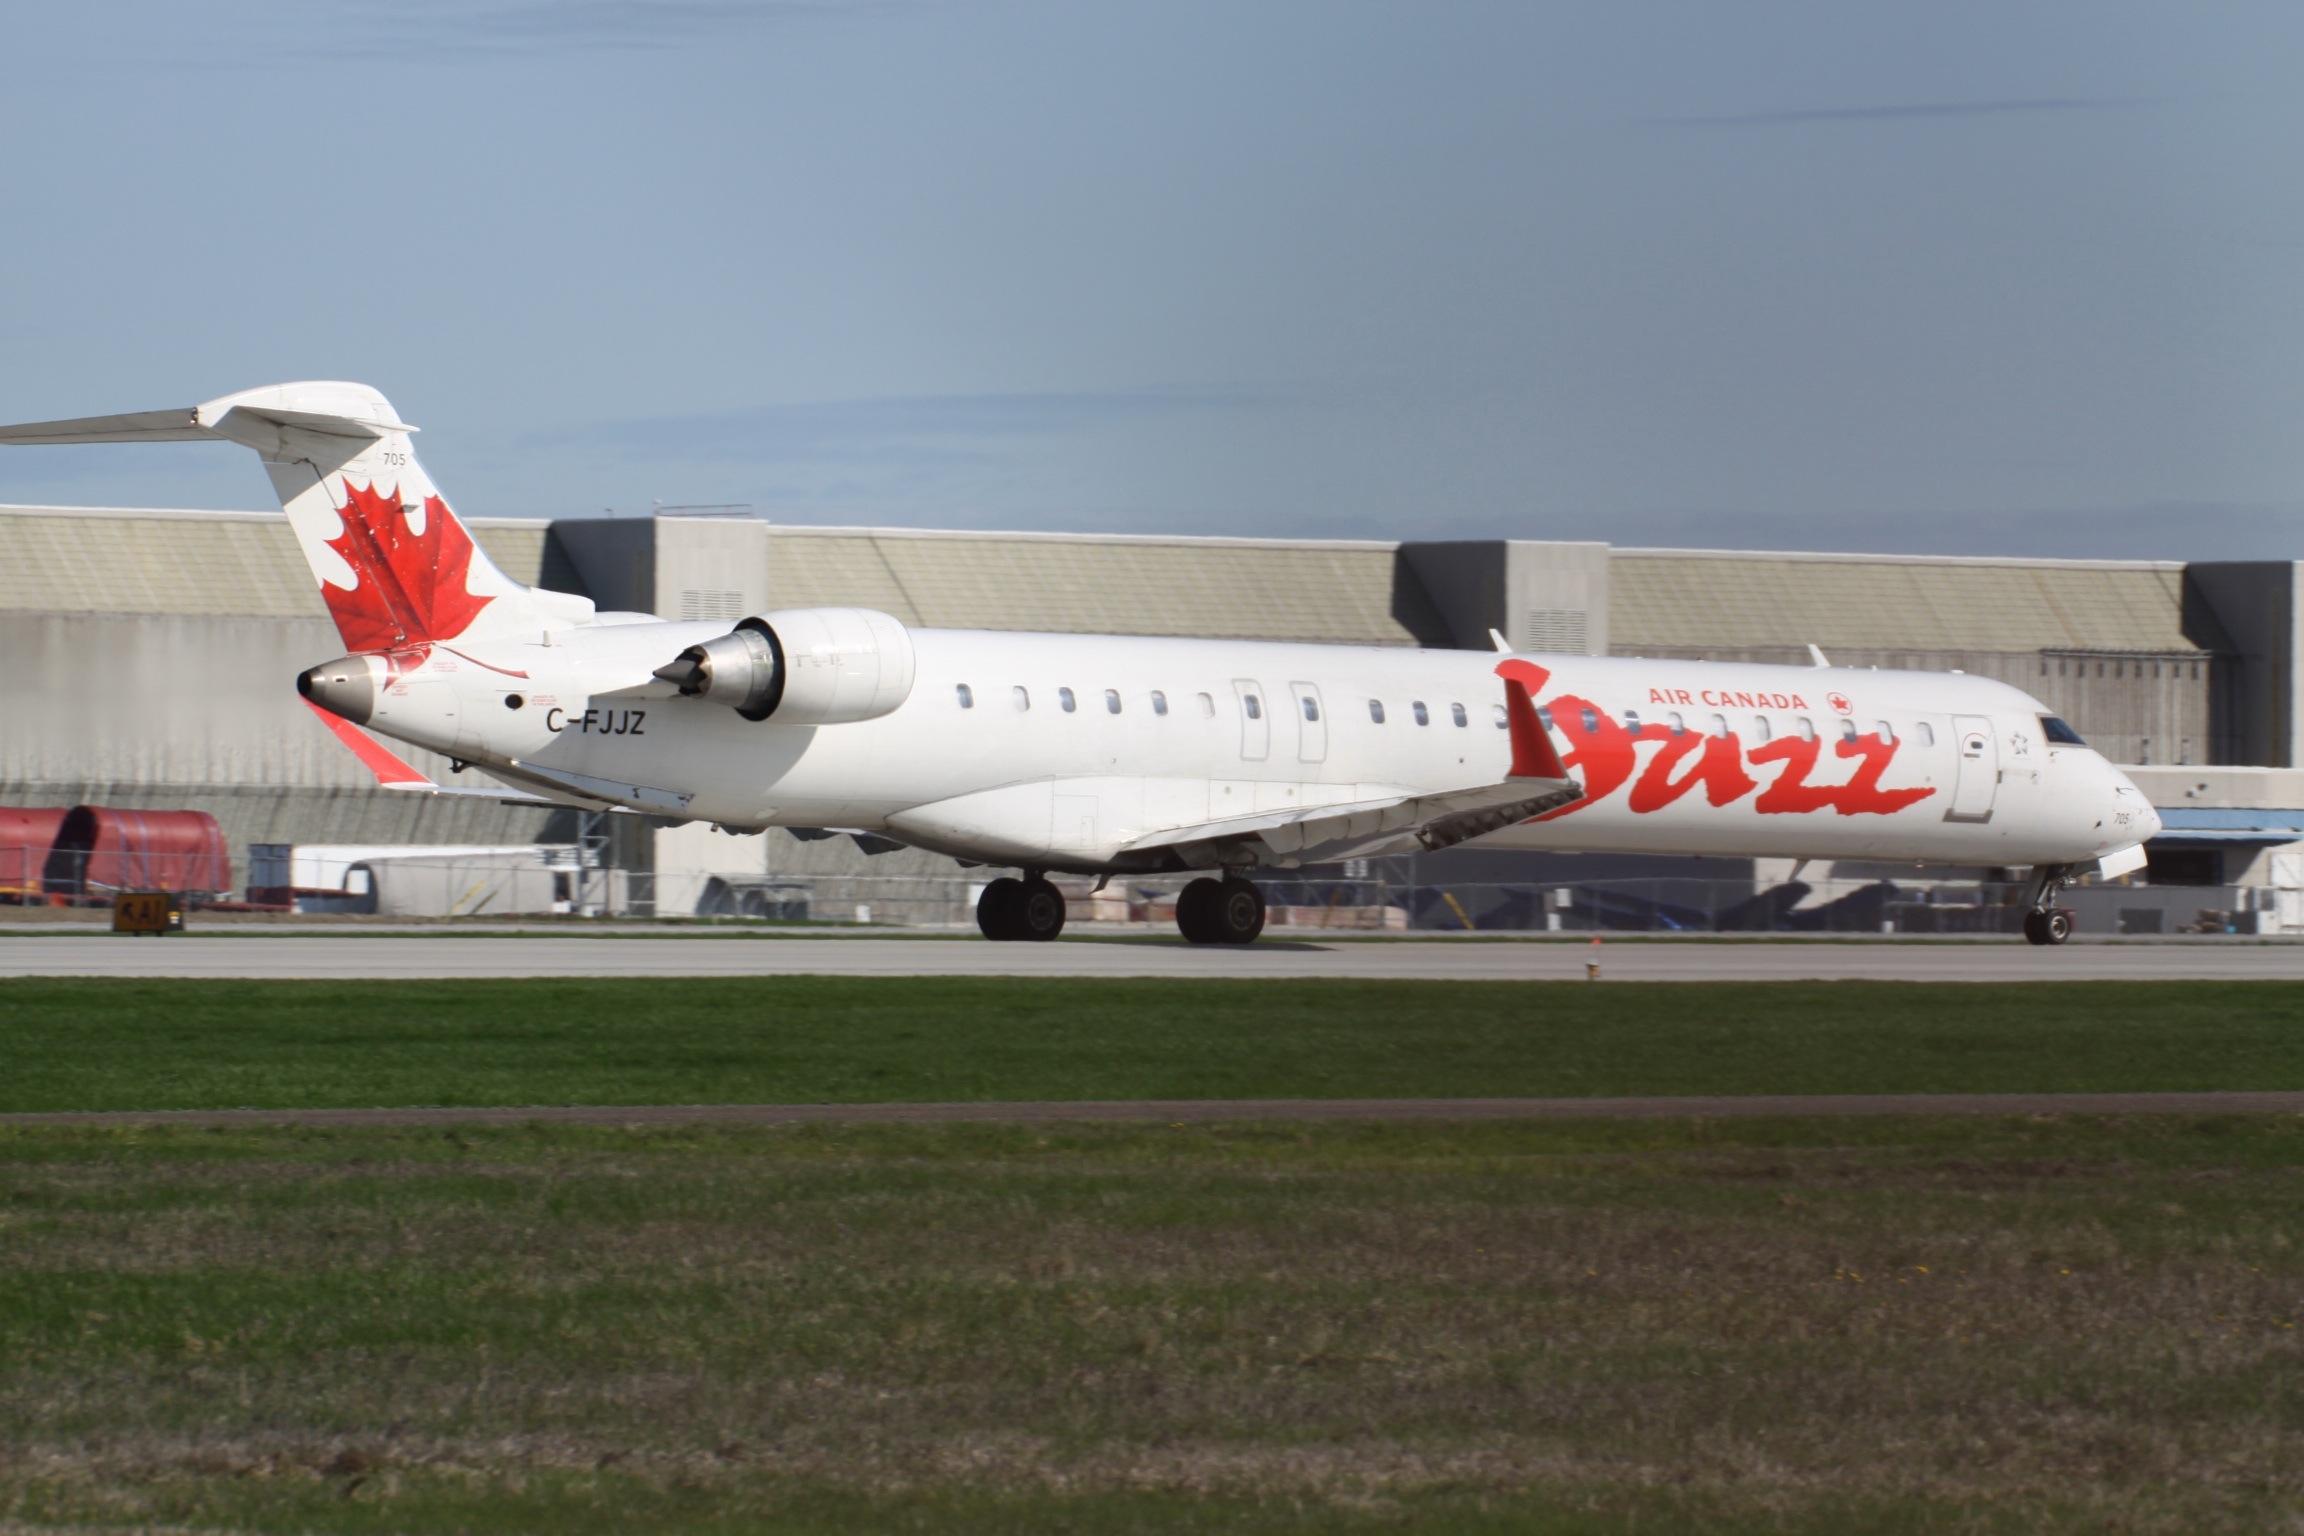 File:C-FJJZ Canadair CRJ 700 Air Canada Jazz (7637284086